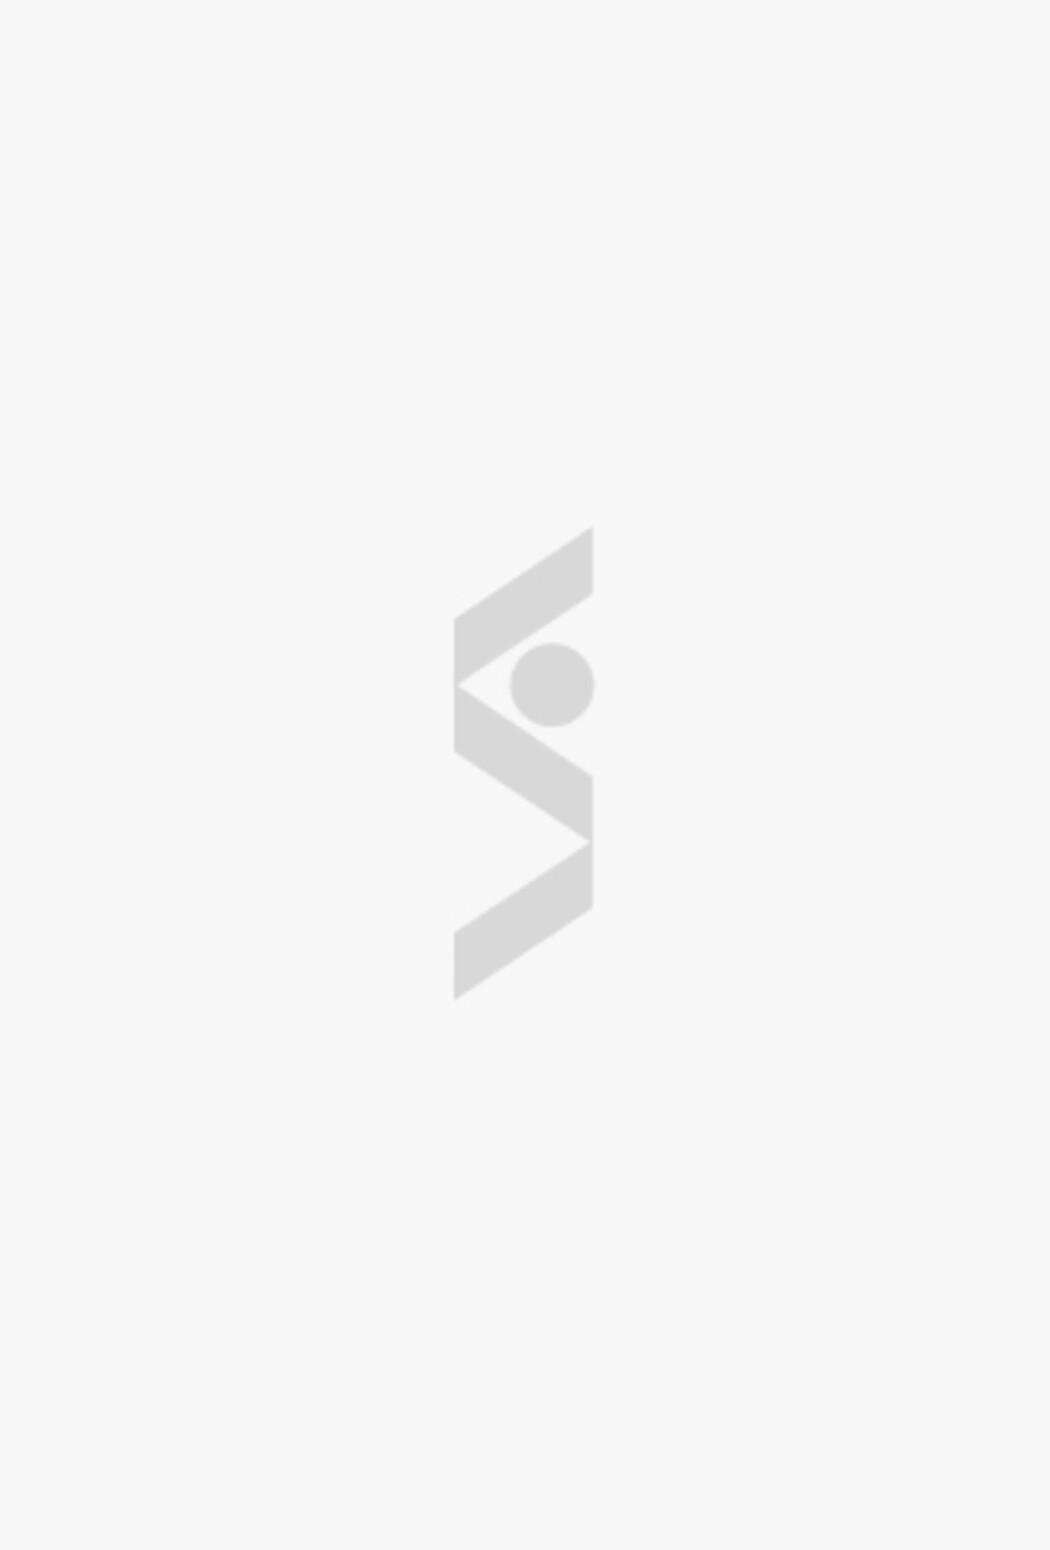 Шарф с принтом Tommy Hilfiger - цена 2490 ₽ купить в интернет-магазине СТОКМАНН в Москве